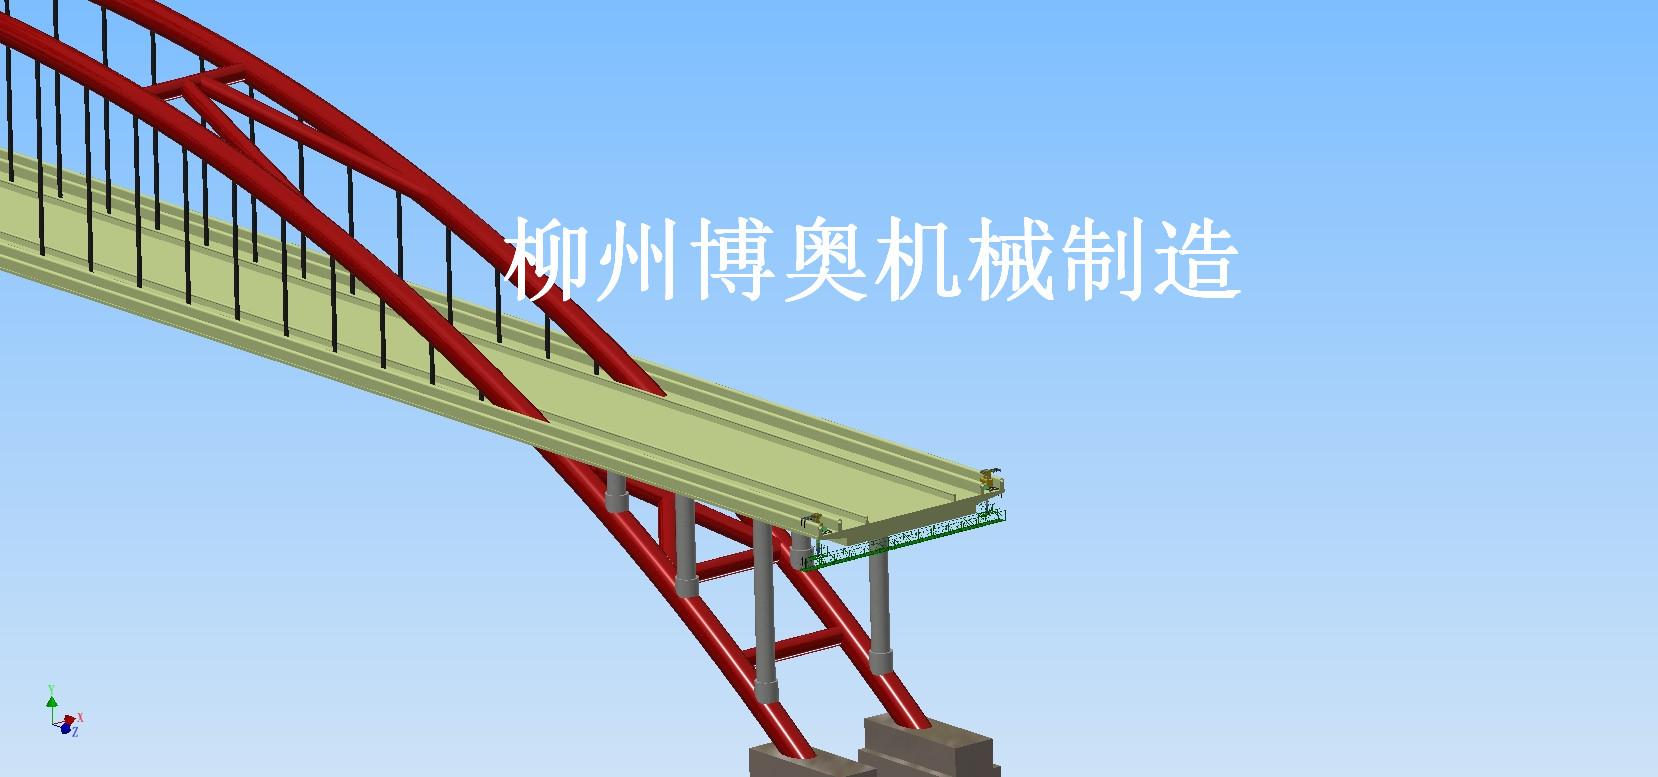 彩虹桥检修方案1